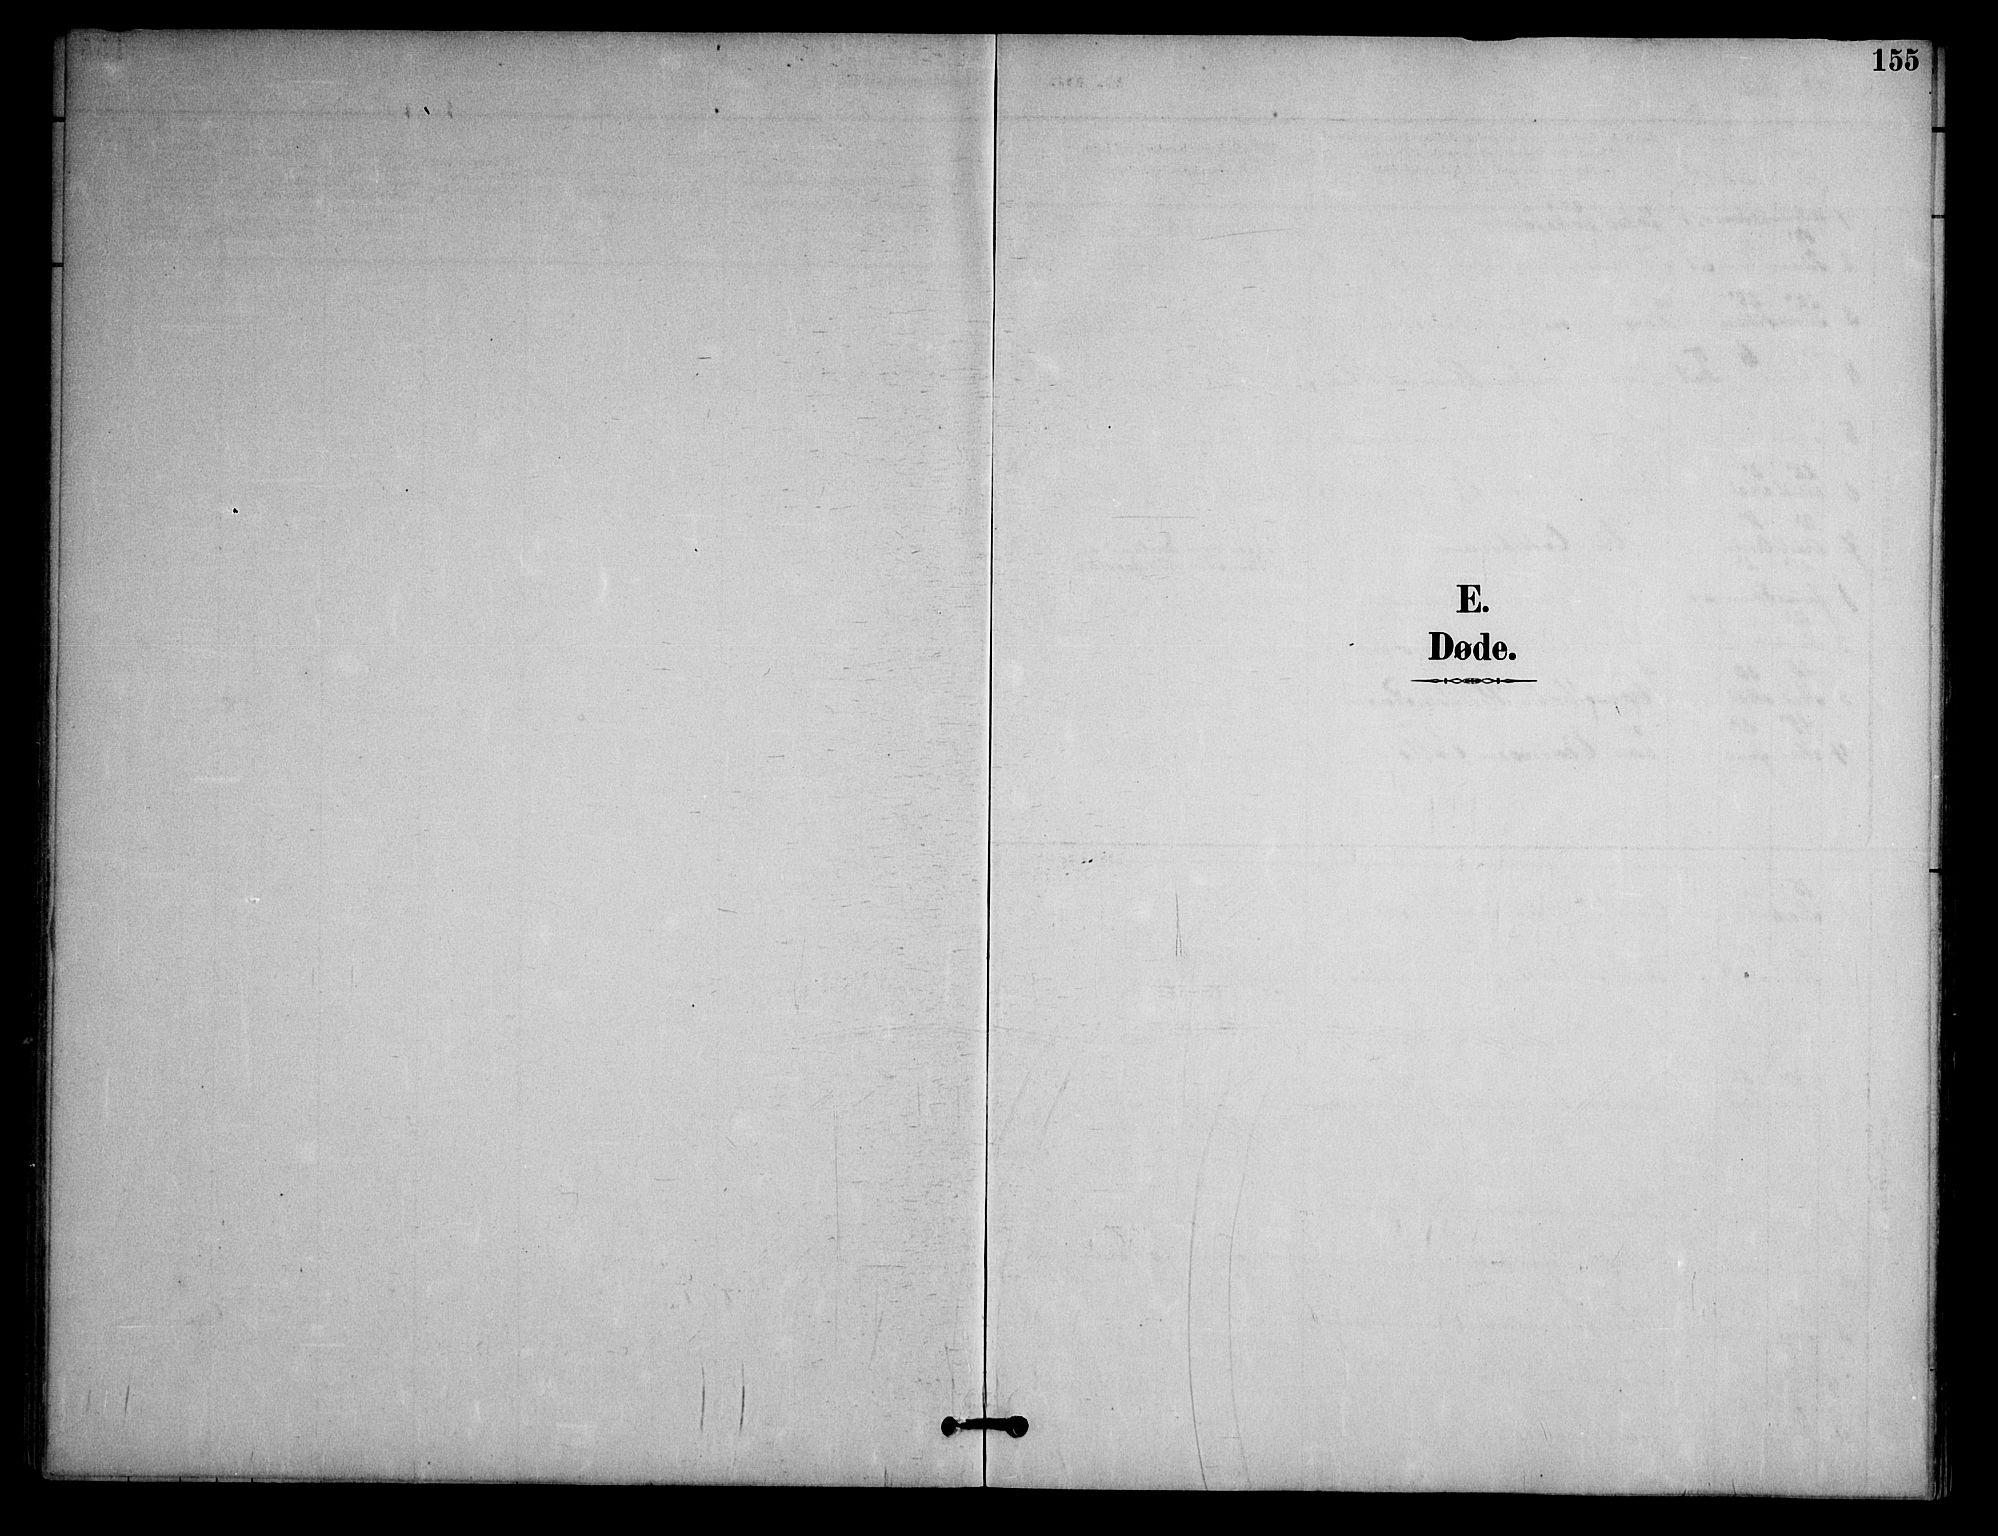 SAKO, Nissedal kirkebøker, G/Ga/L0003: Klokkerbok nr. I 3, 1887-1911, s. 155